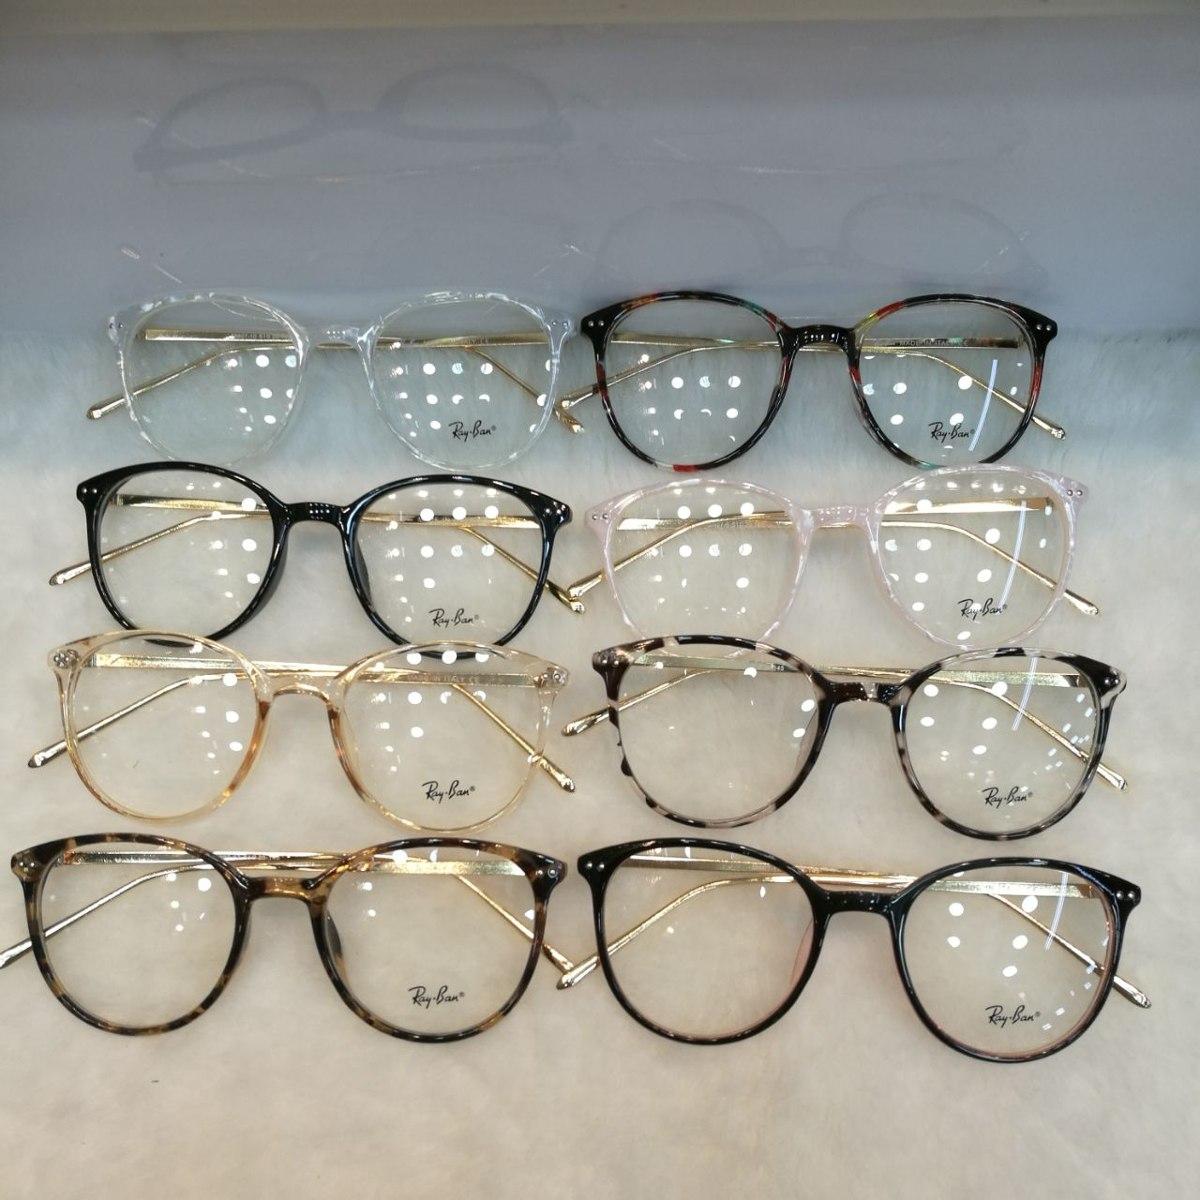 f0b429f8729a6 Óculos Armação De Grau Redondo Geek Metal Frete + Brinde. Óculos Armação De  Grau. Armação Oculos Grau Cartier Dourada Meio Aro Acetato